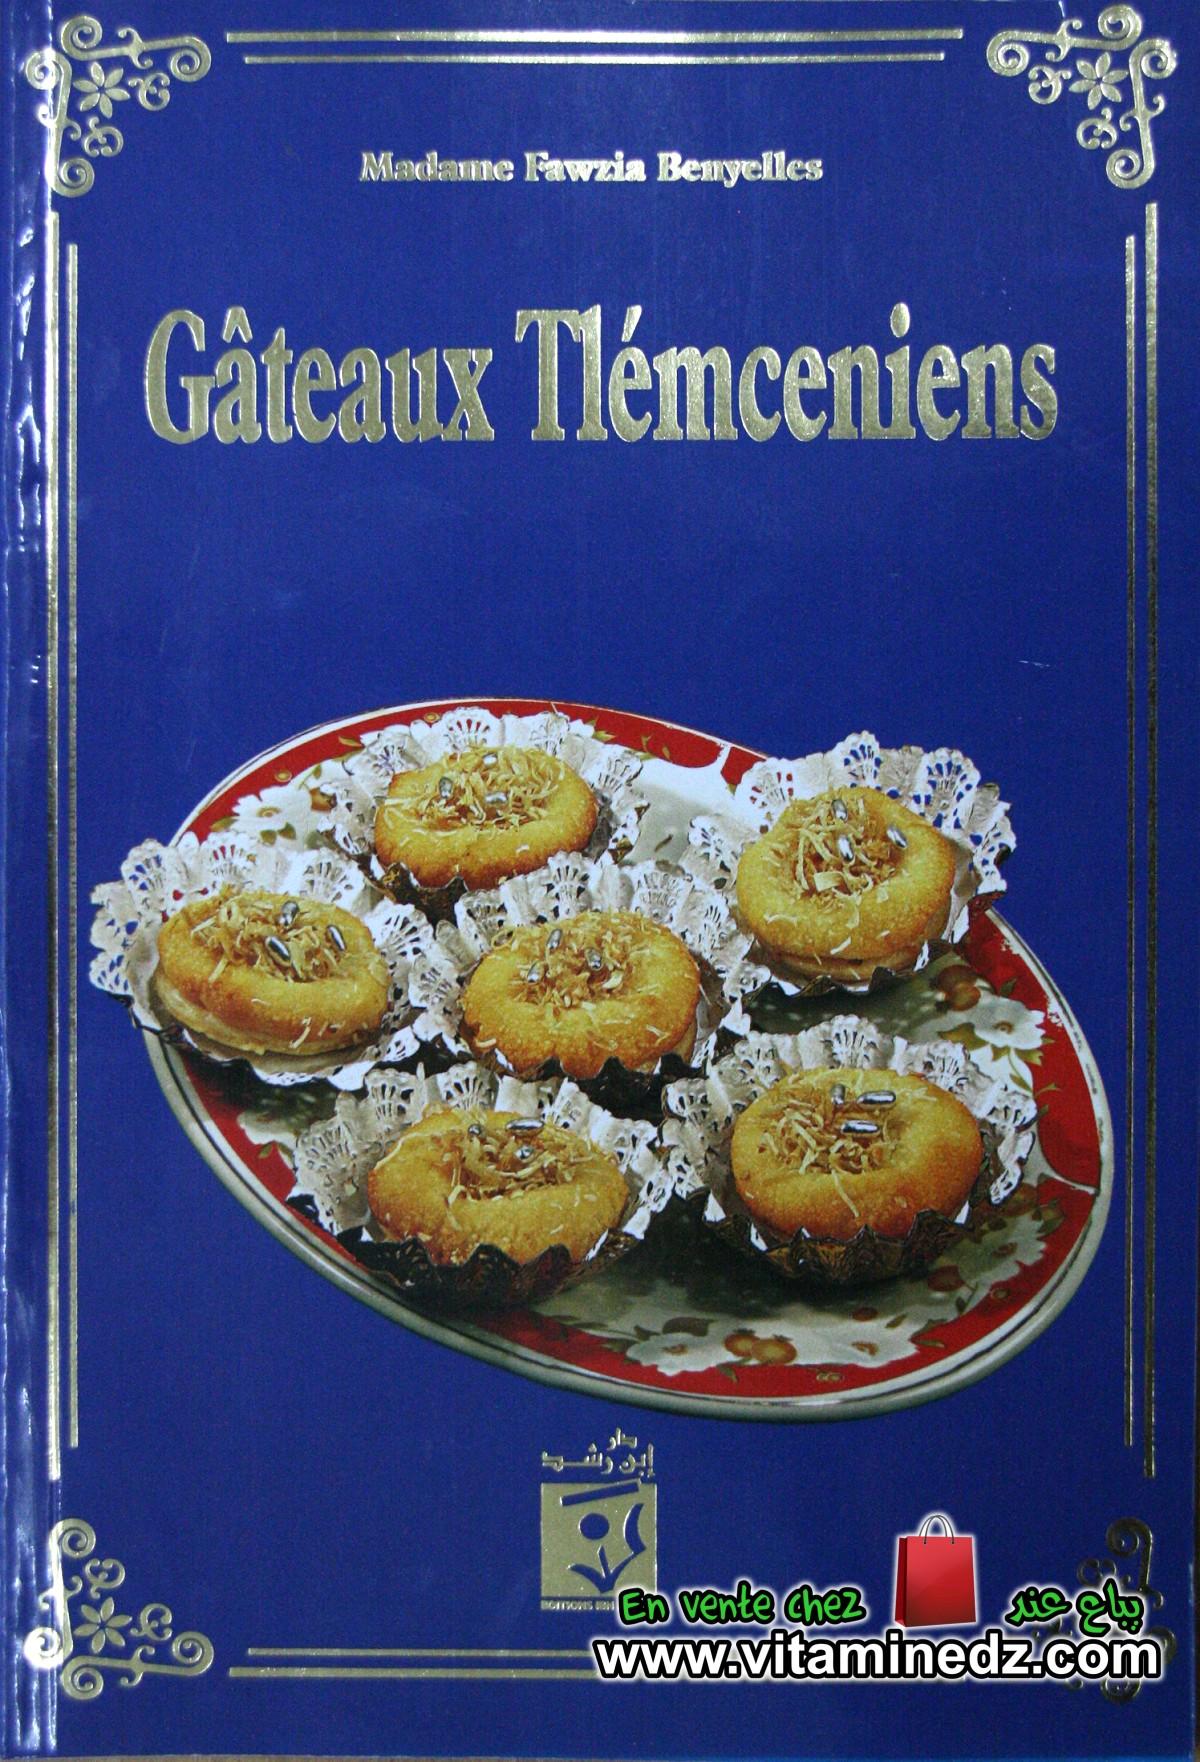 Gâteaux Tlemceniens de Mme Fawzia Benyelles